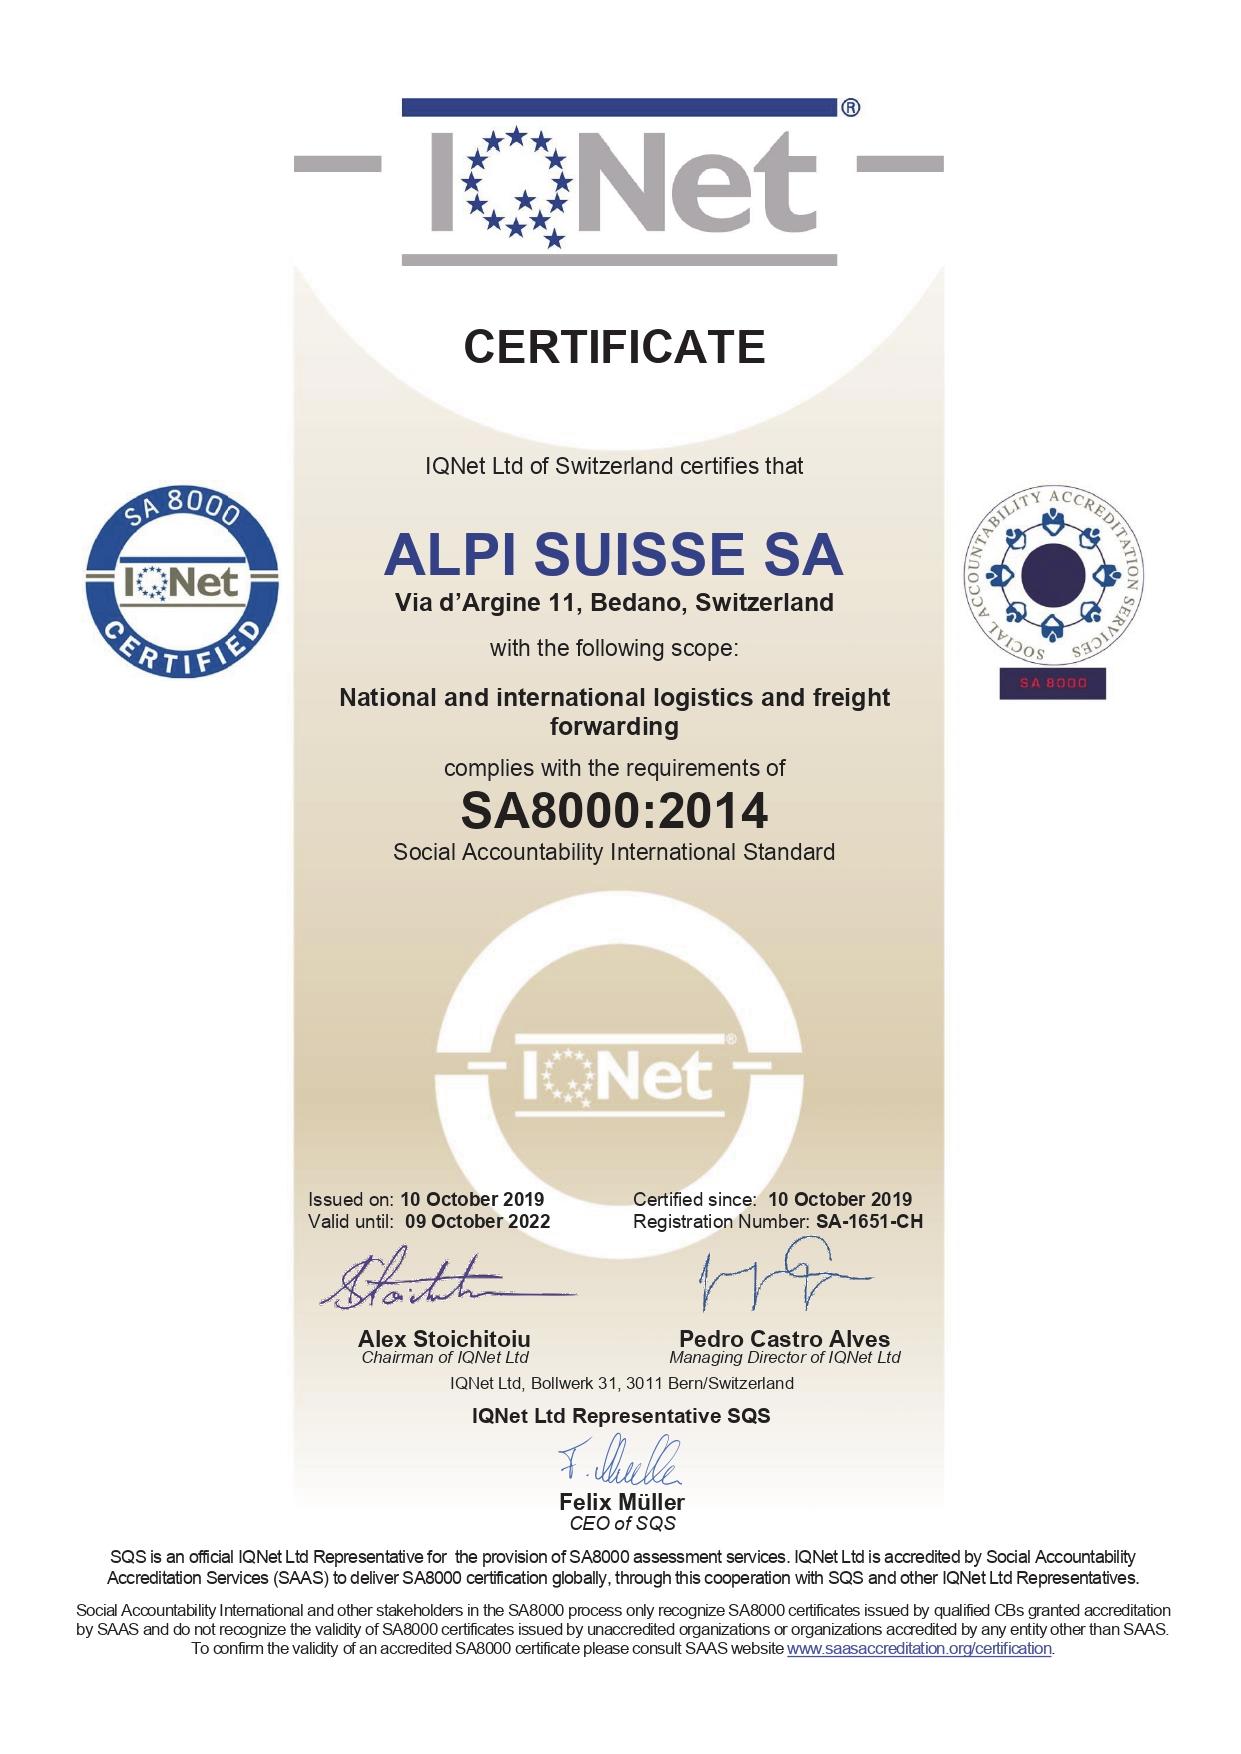 ALPI Suisse: 7° azienda certificata SA8000 in Svizzera